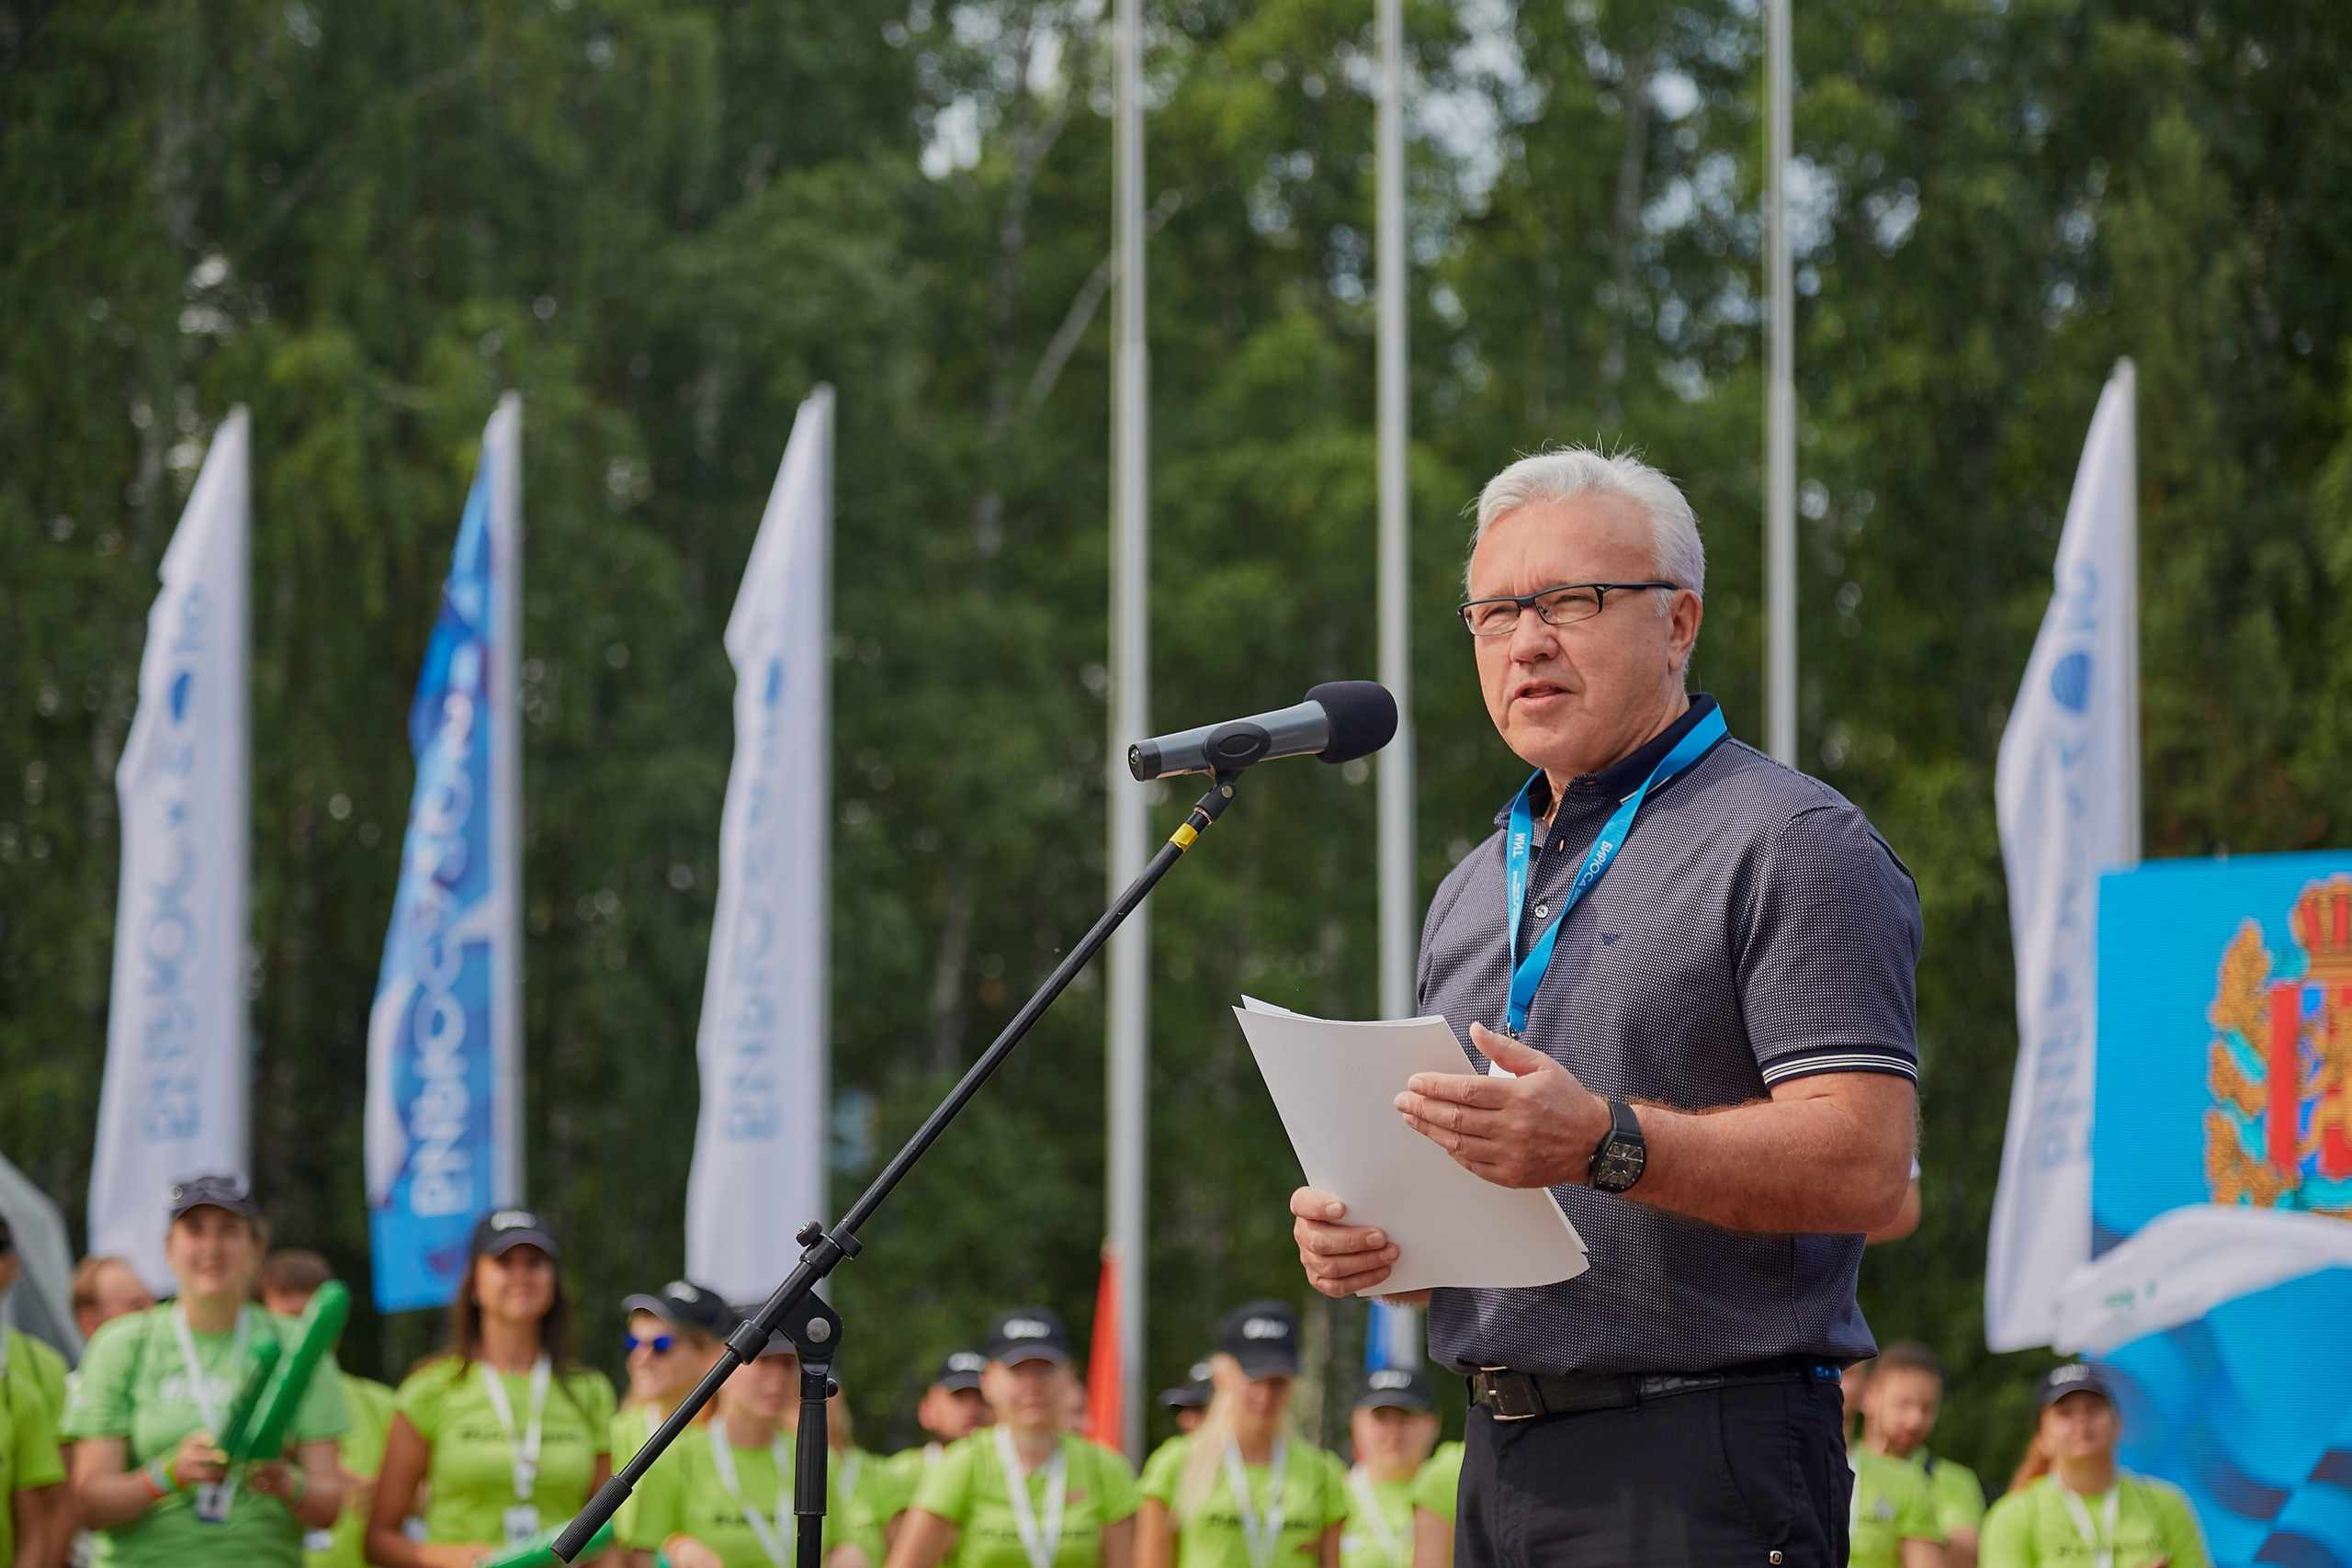 Губернатор края Александр Усс поприветствовал молодёжь, и зачитал поздравление от президента России Владимира Путина